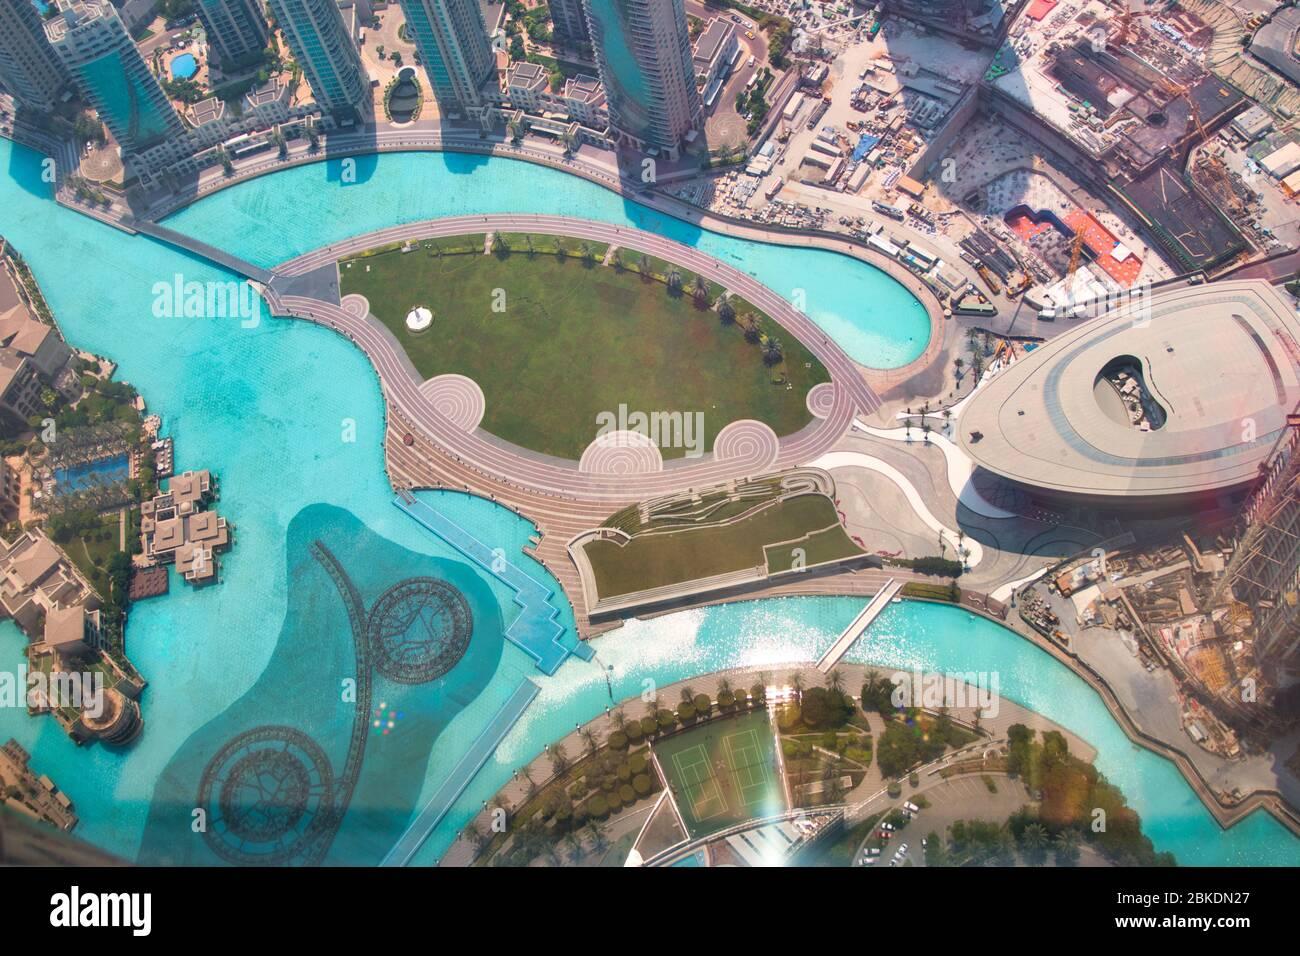 Vue aérienne de Dubaï avec fontaine de Dubaï en face du centre commercial de Dubaï Banque D'Images